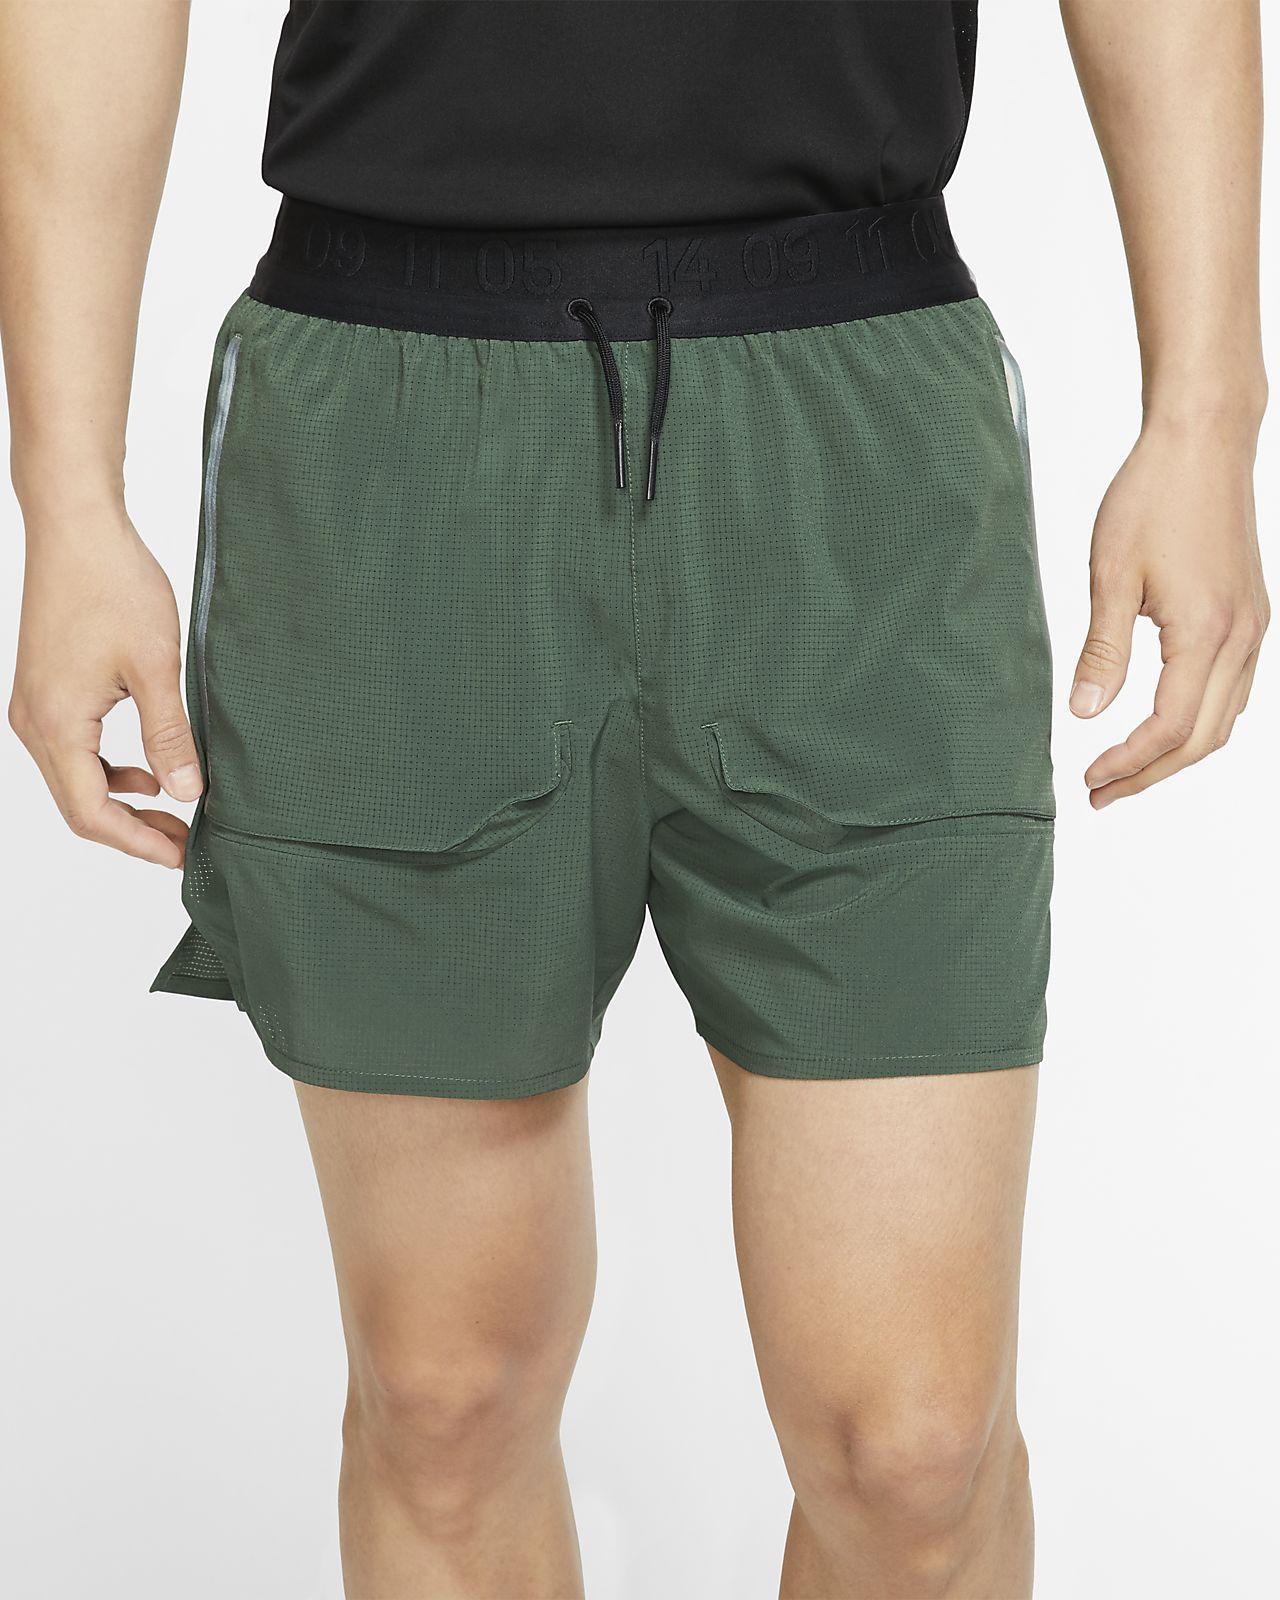 Ανδρικό σορτς για τρέξιμο με επένδυση Nike